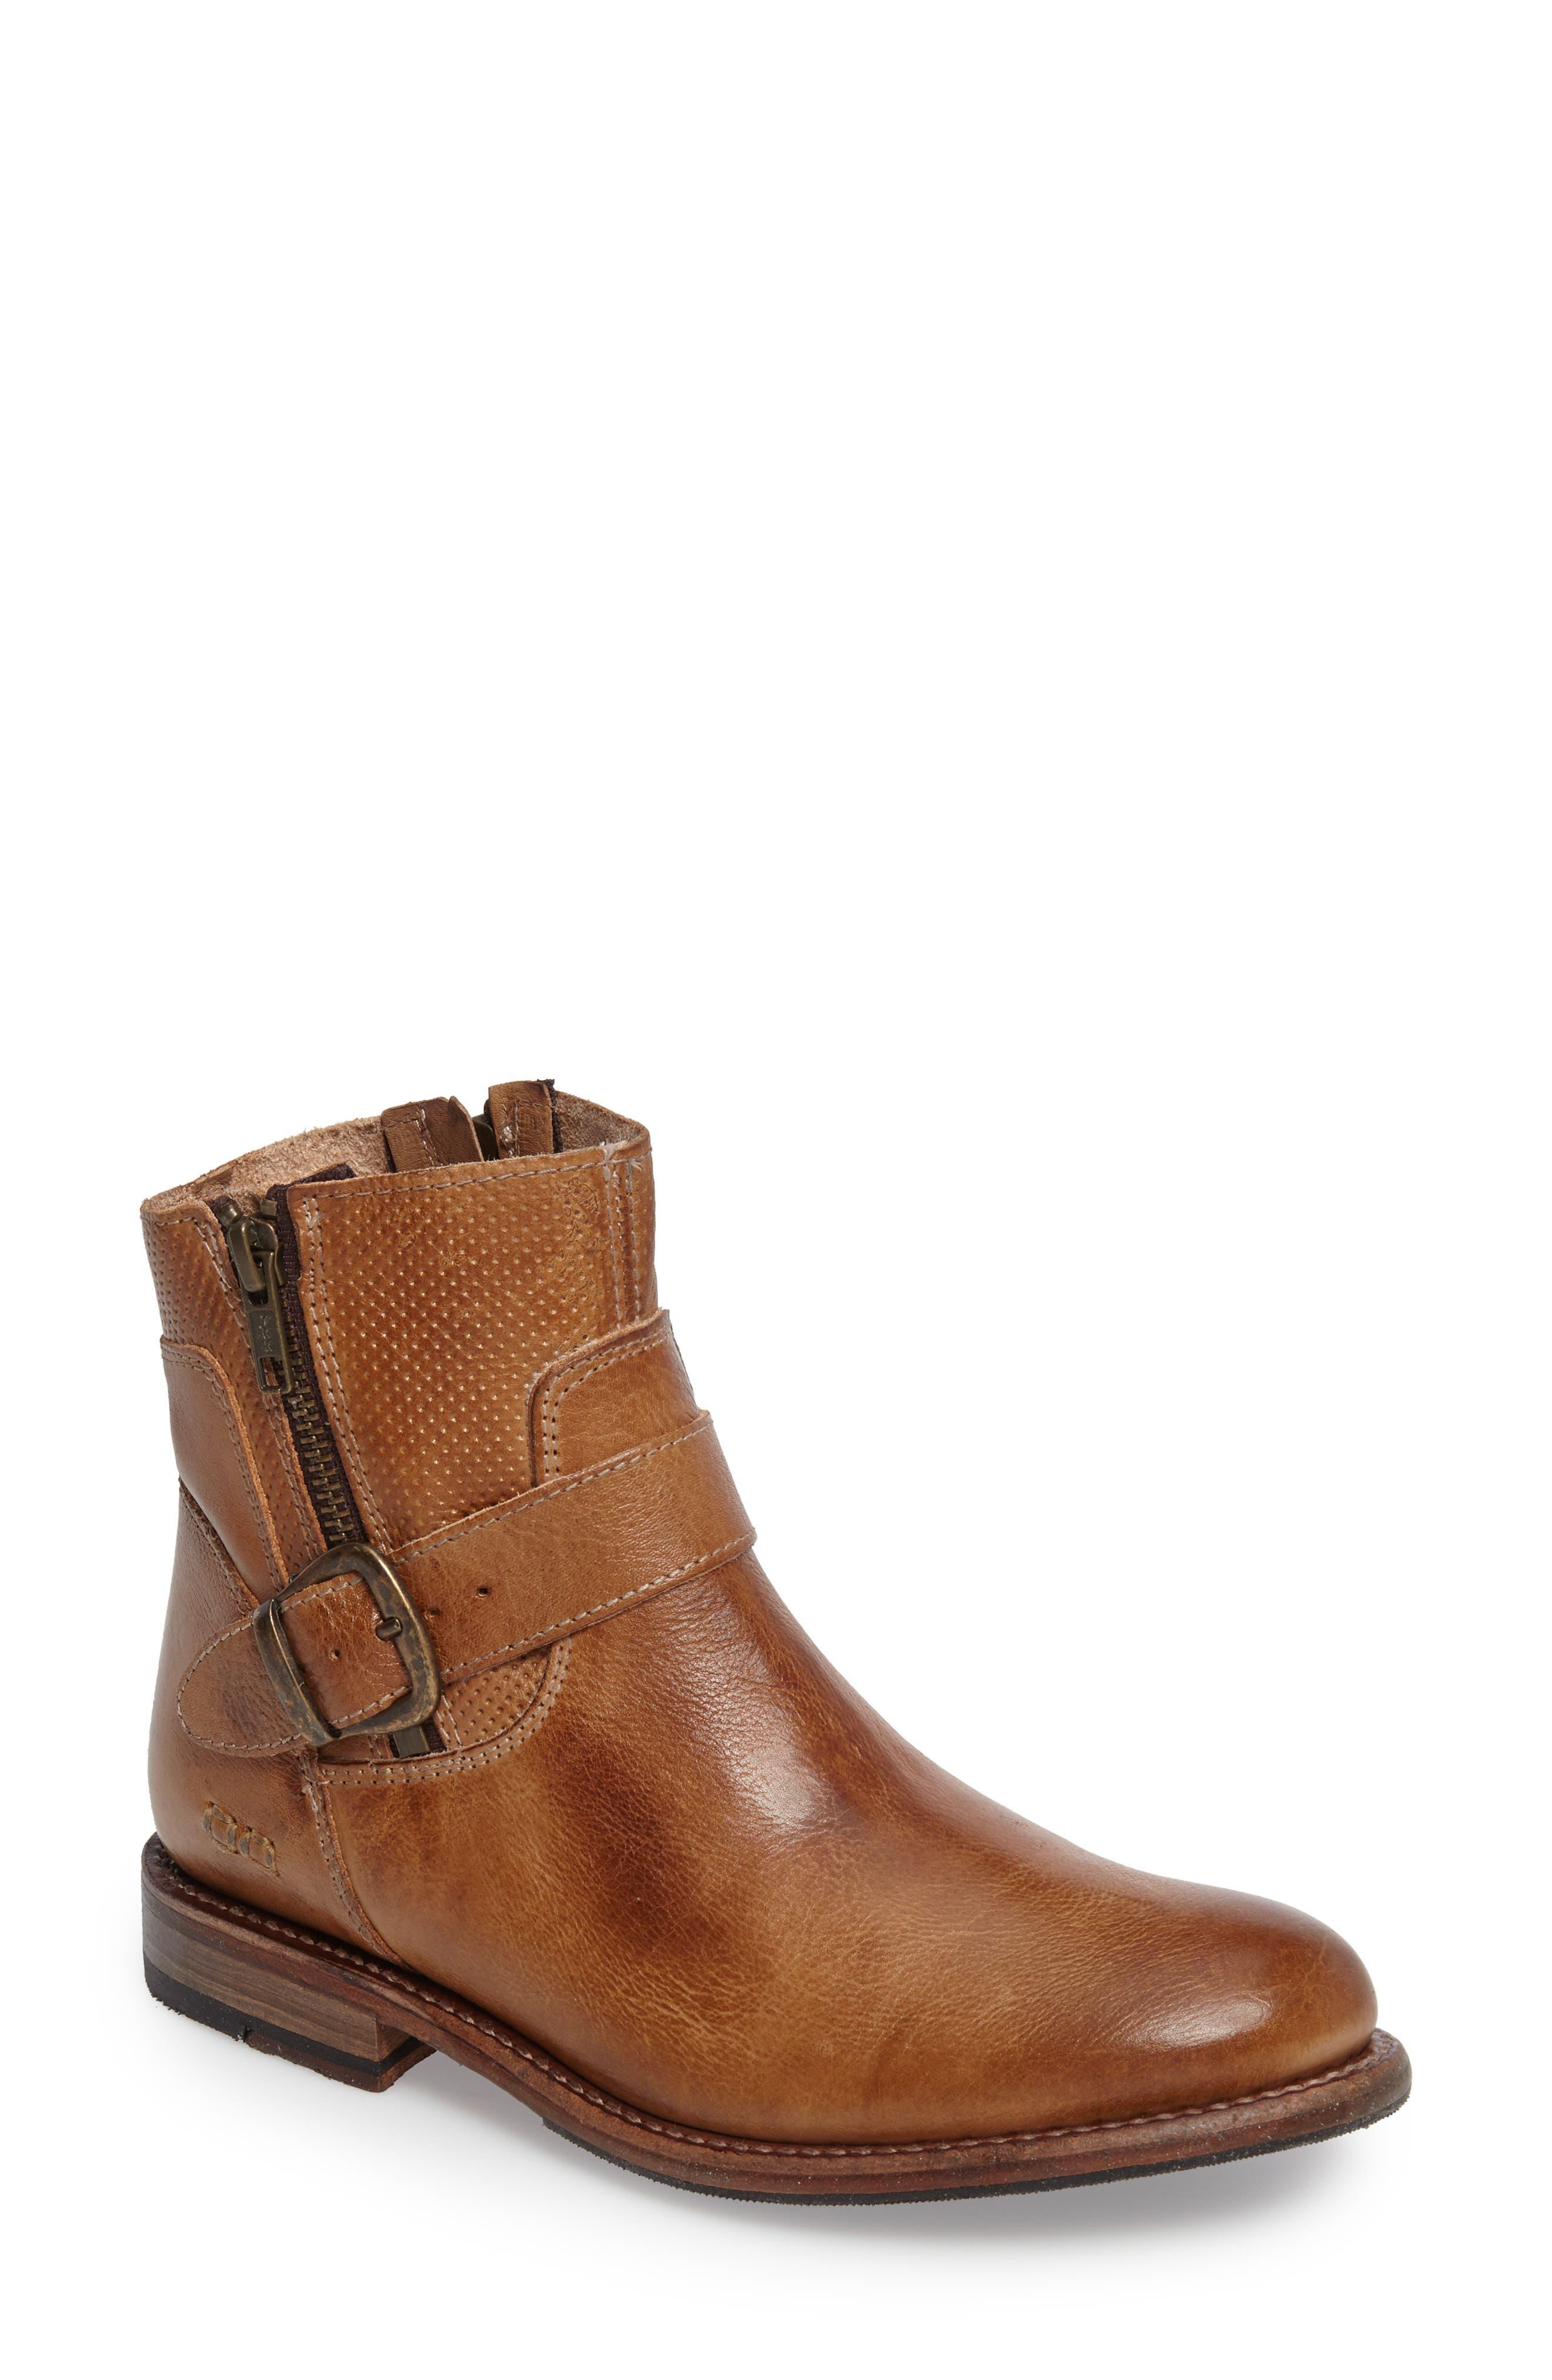 Bed Stu Becca Buckle Boot